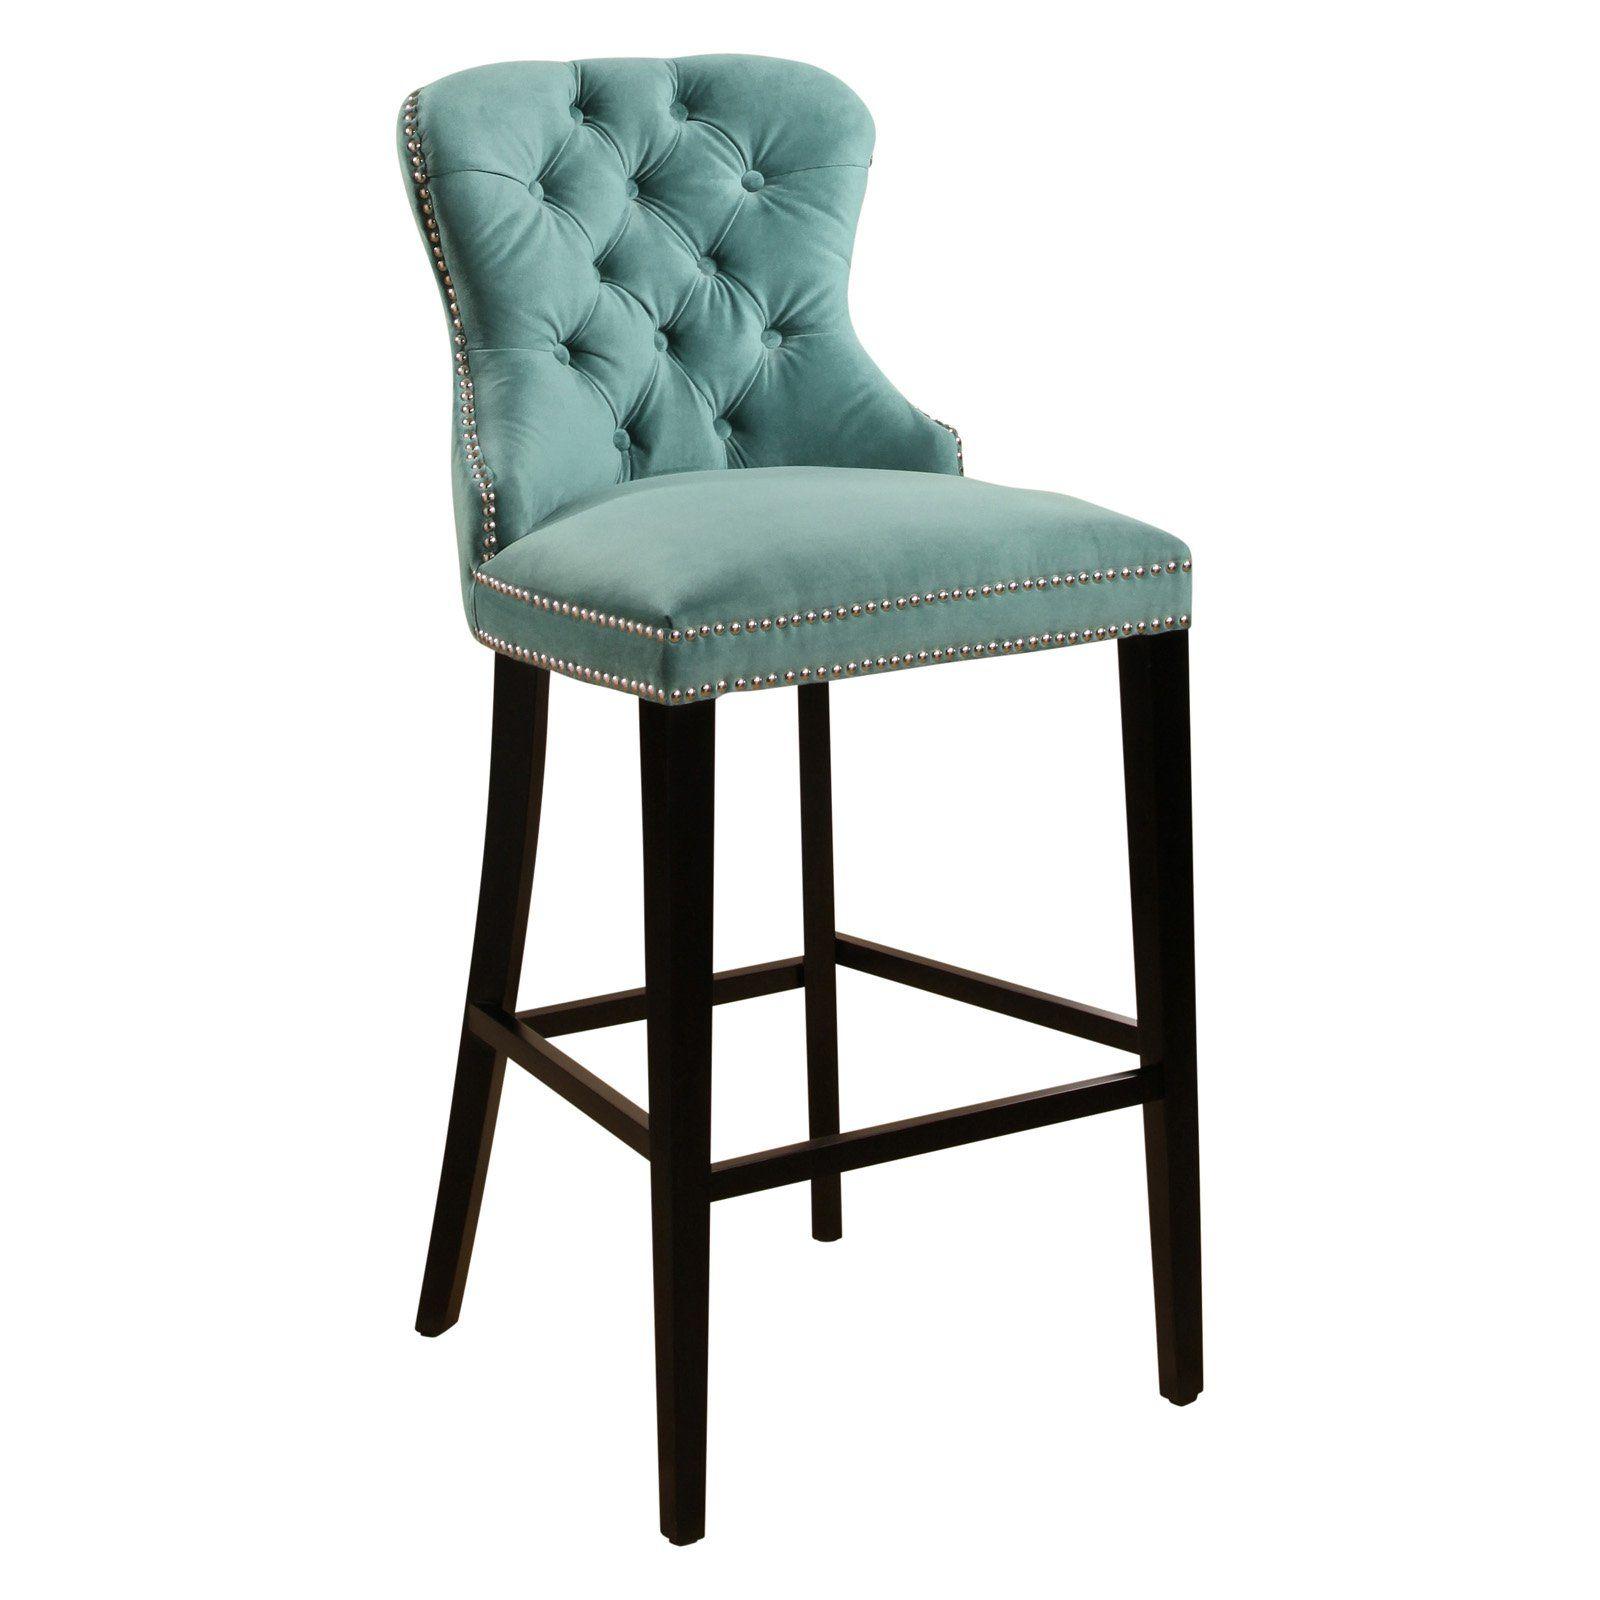 Marvelous Abbyson Harper Tufted Velvet Bar Stool In 2019 Products Ncnpc Chair Design For Home Ncnpcorg